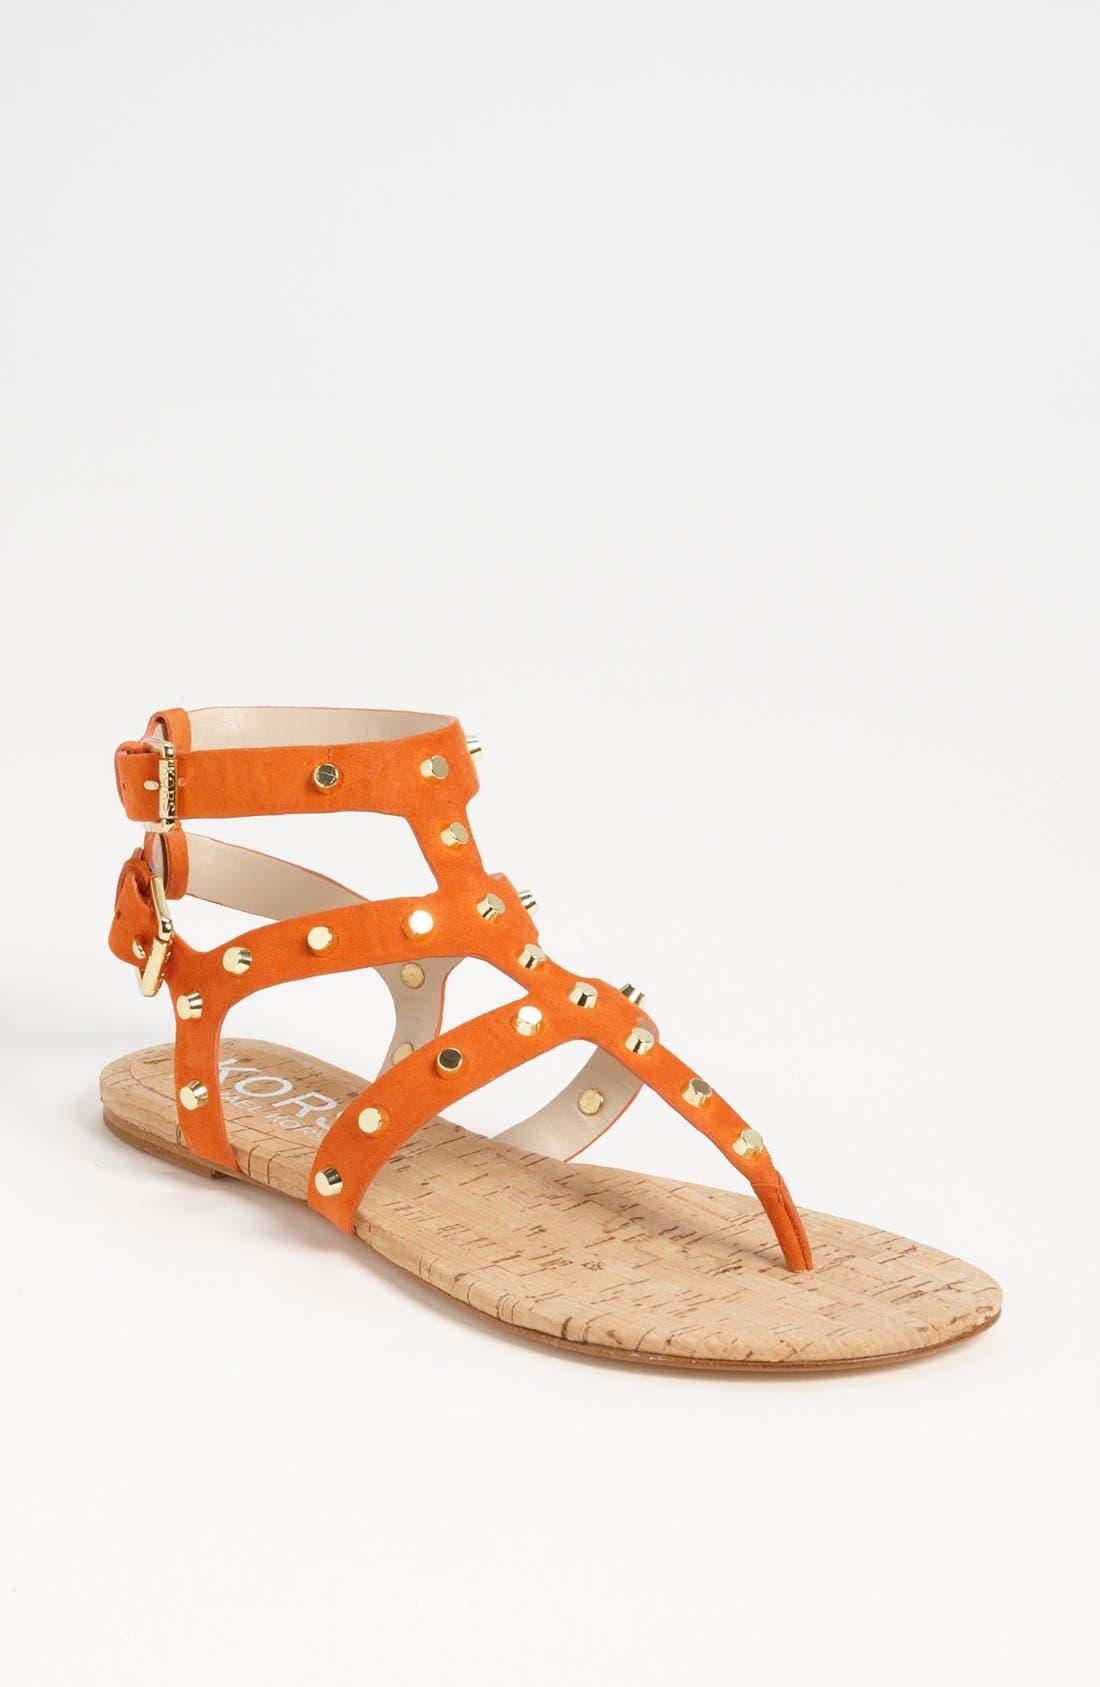 Alternate Image 1 Selected - KORS Michael Kors 'Jordyn' Sandal